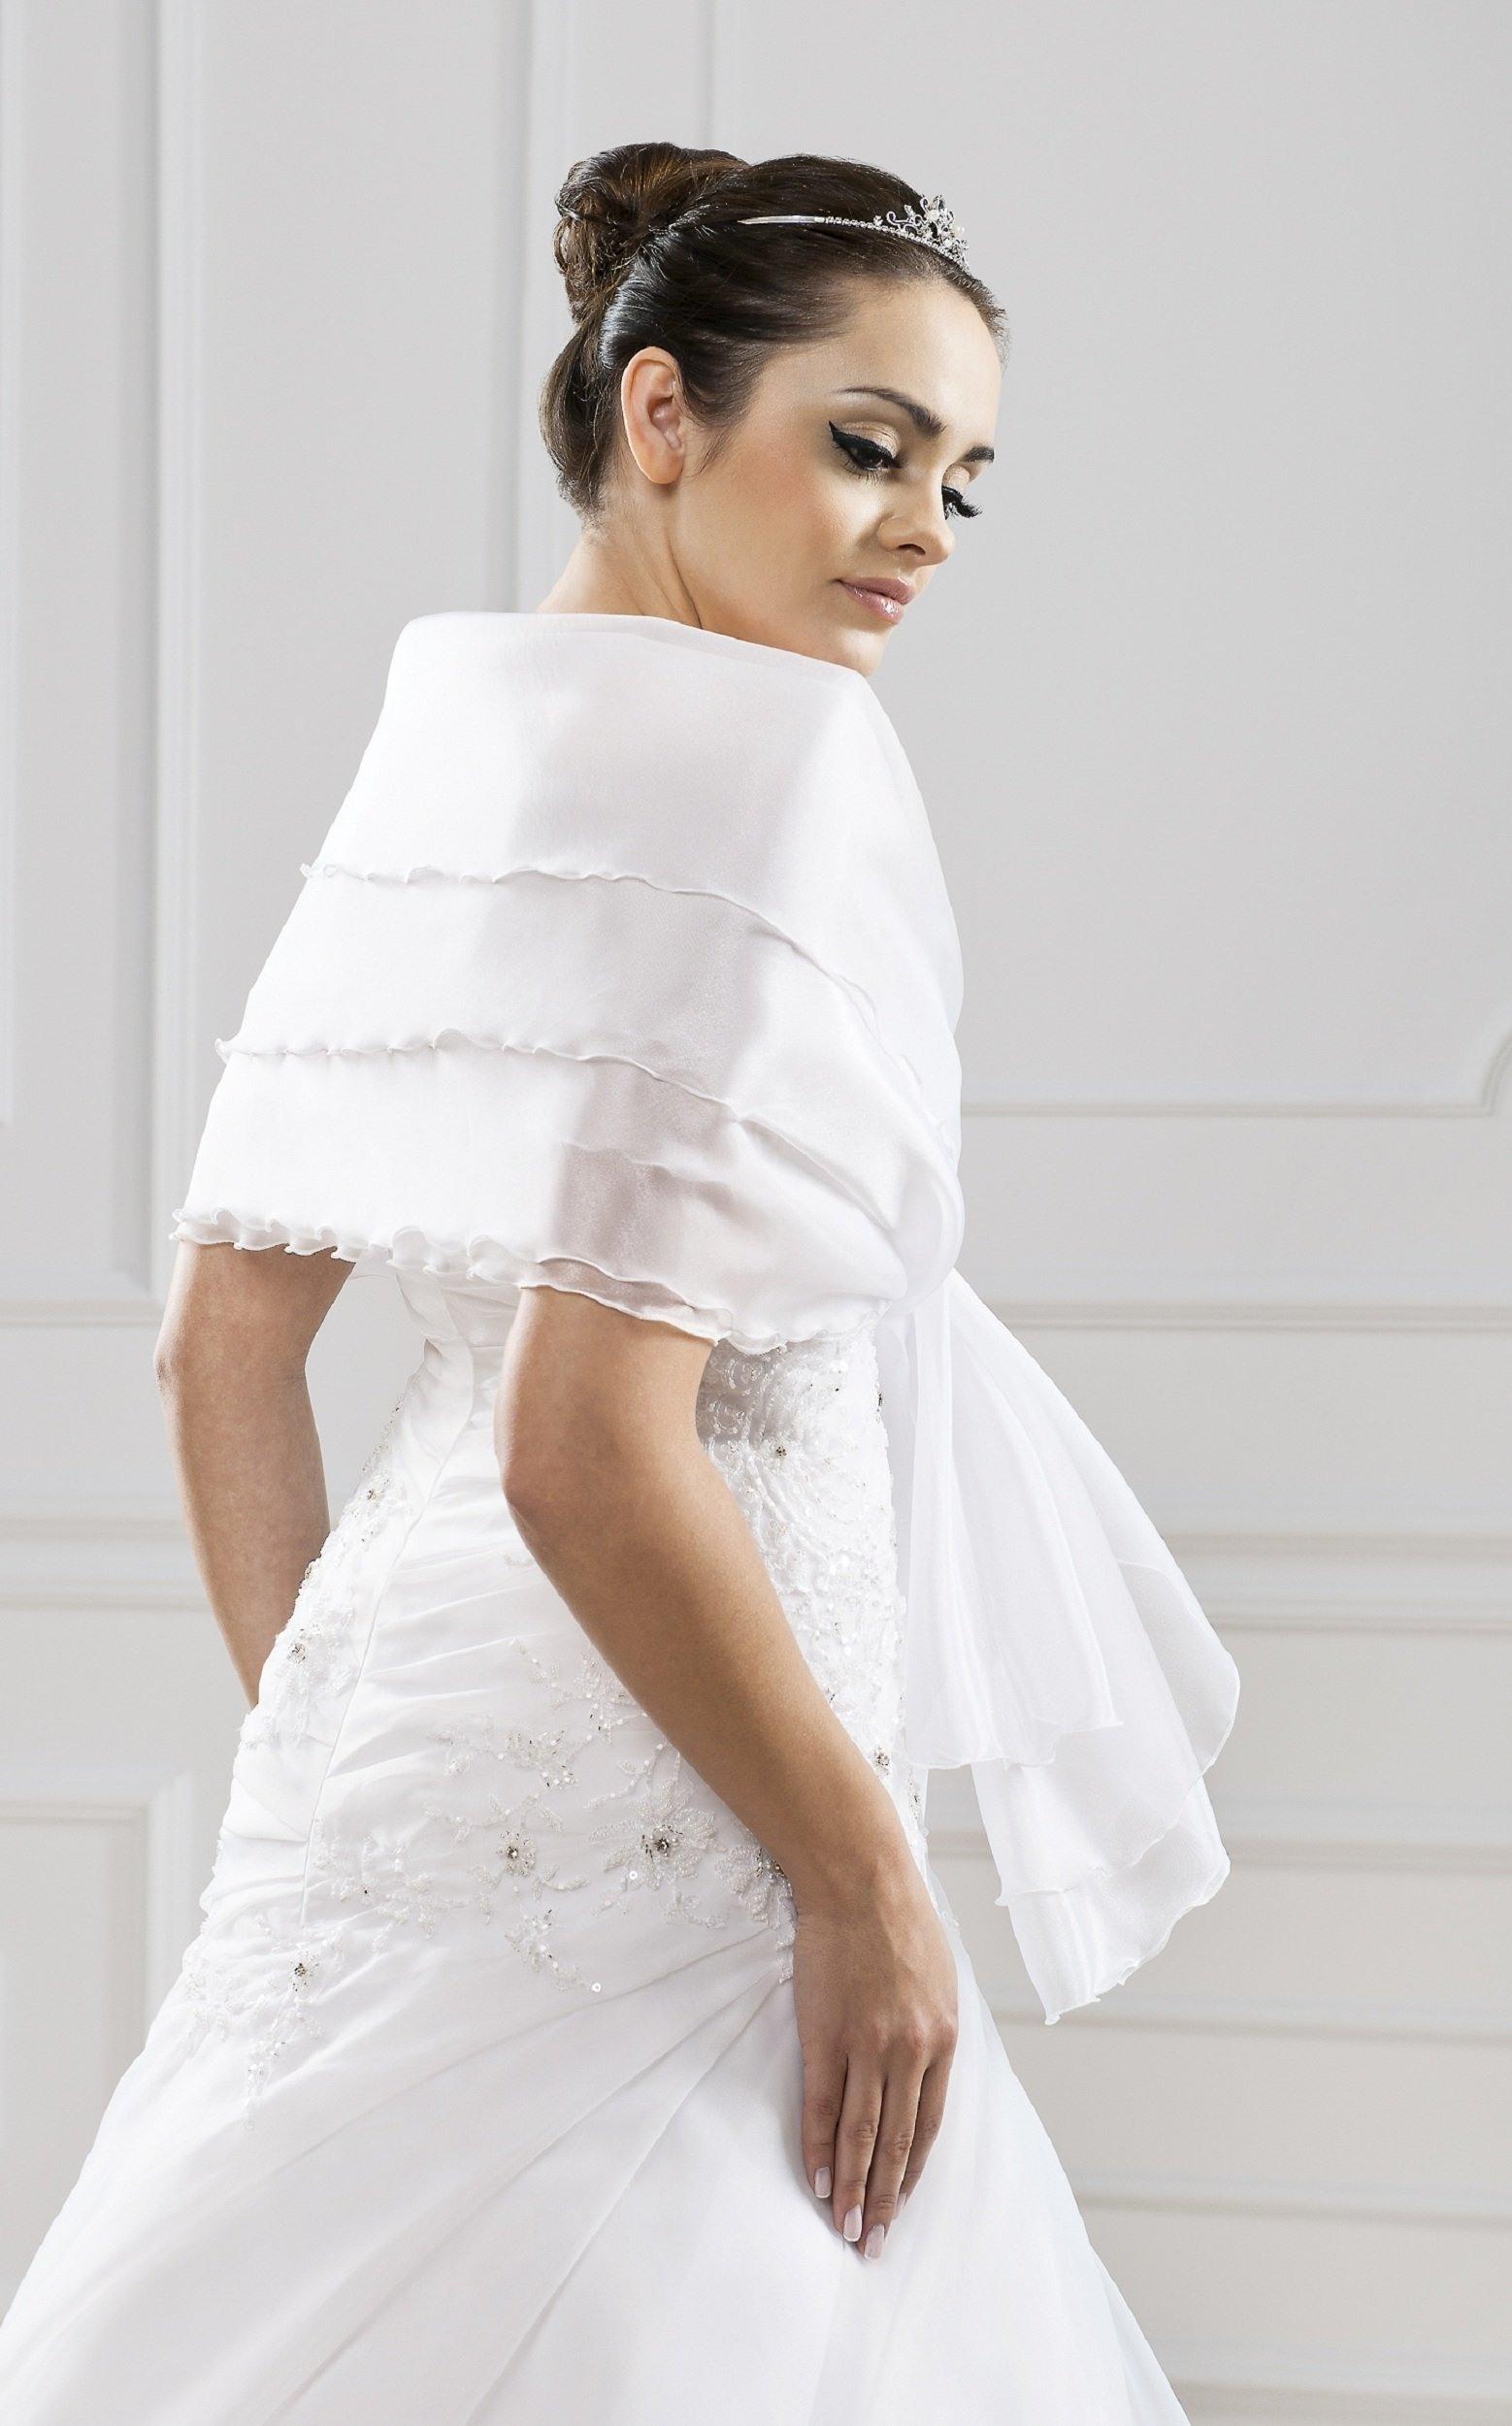 10 Luxurius Brautkleider Online Shop Vertrieb20 Großartig Brautkleider Online Shop Boutique